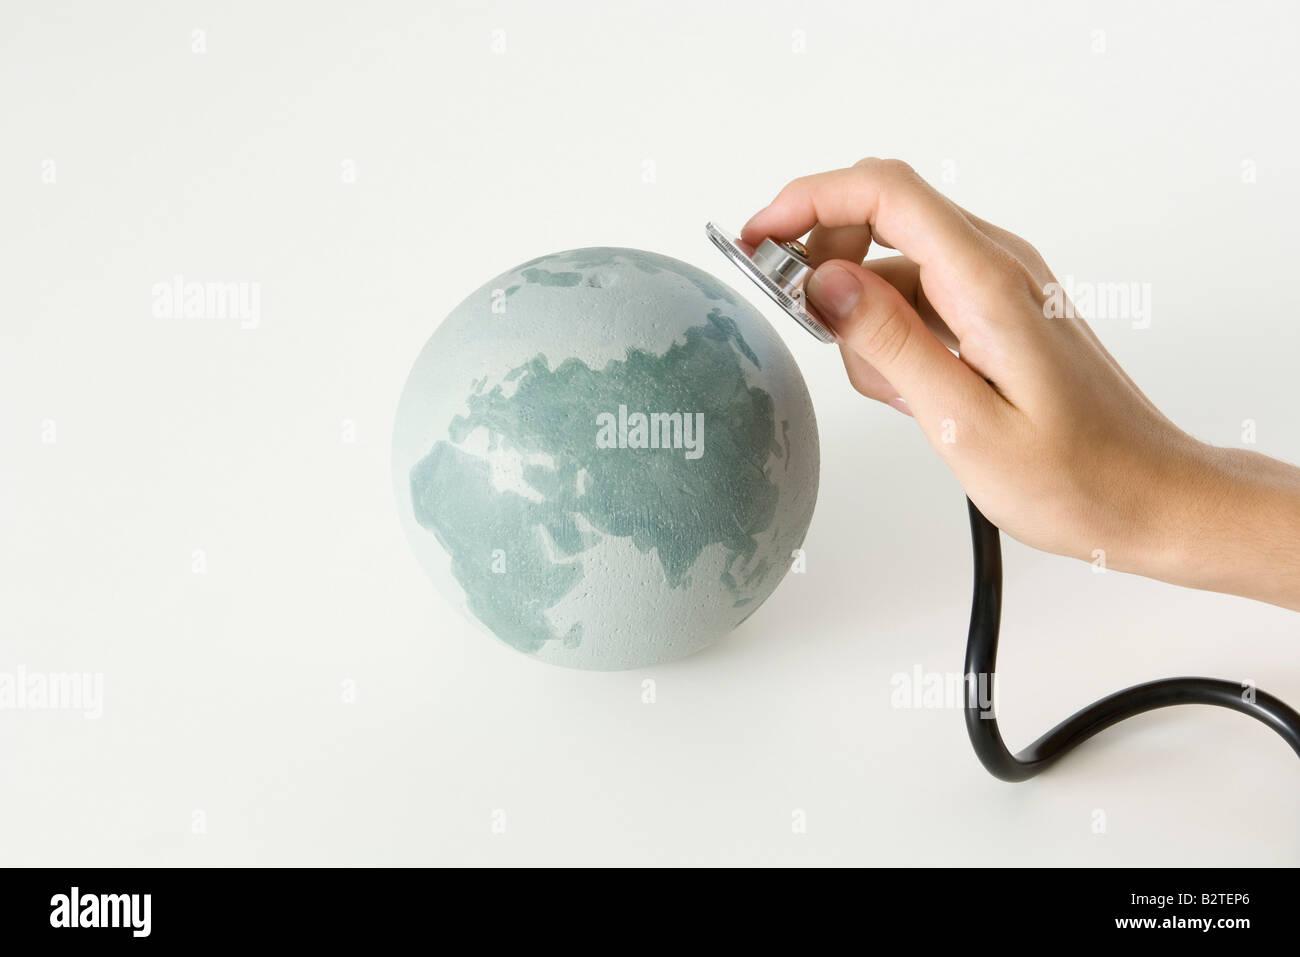 Hand holding stethoscope up to globe, cropped - Stock Image